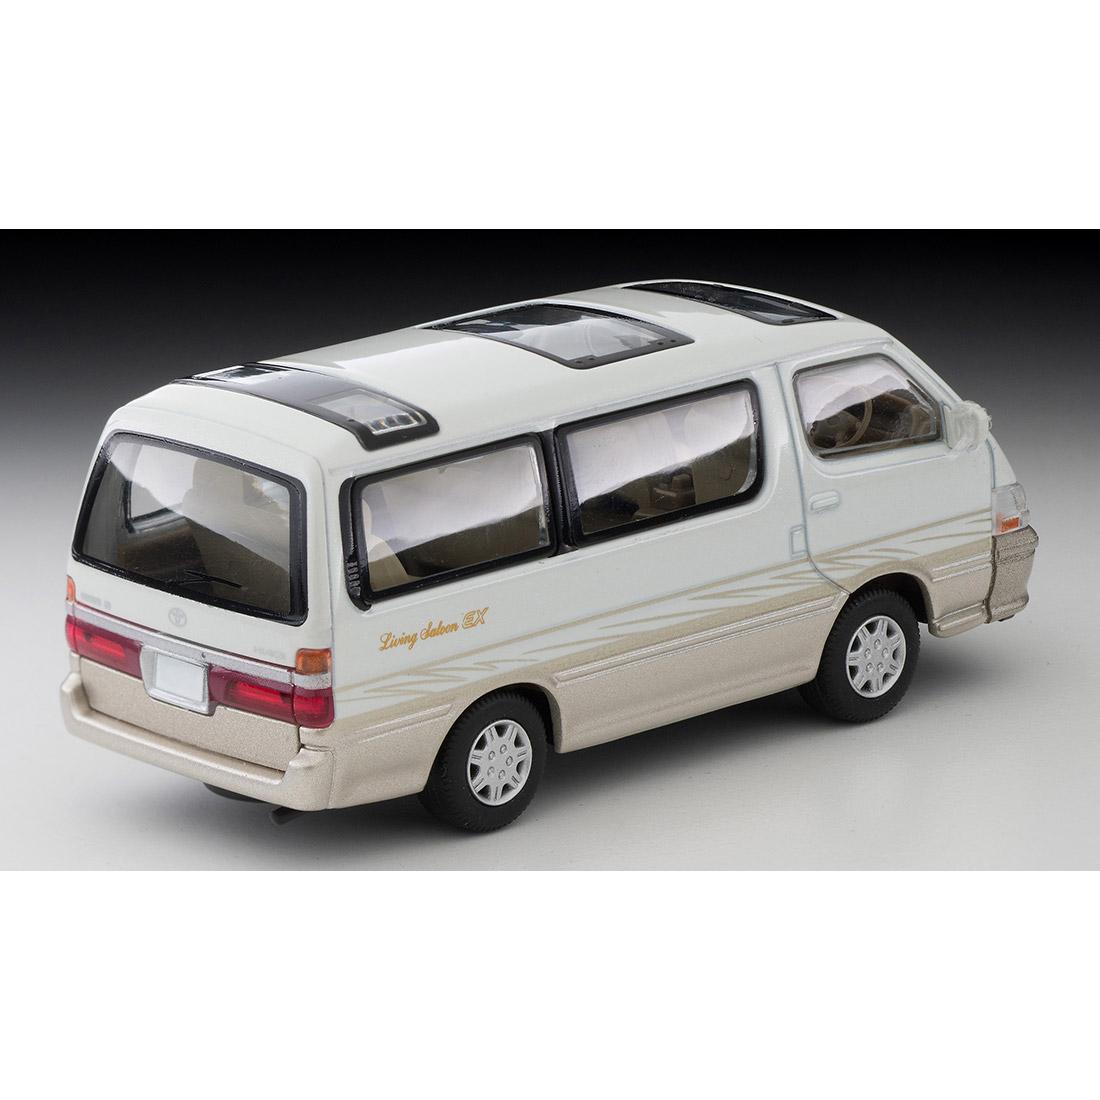 トミカリミテッド ヴィンテージ ネオ TLV-NEO『LV-N216a ハイエースワゴン リビングサルーン EX(白/ベージュ)』1/64 ミニカー-002